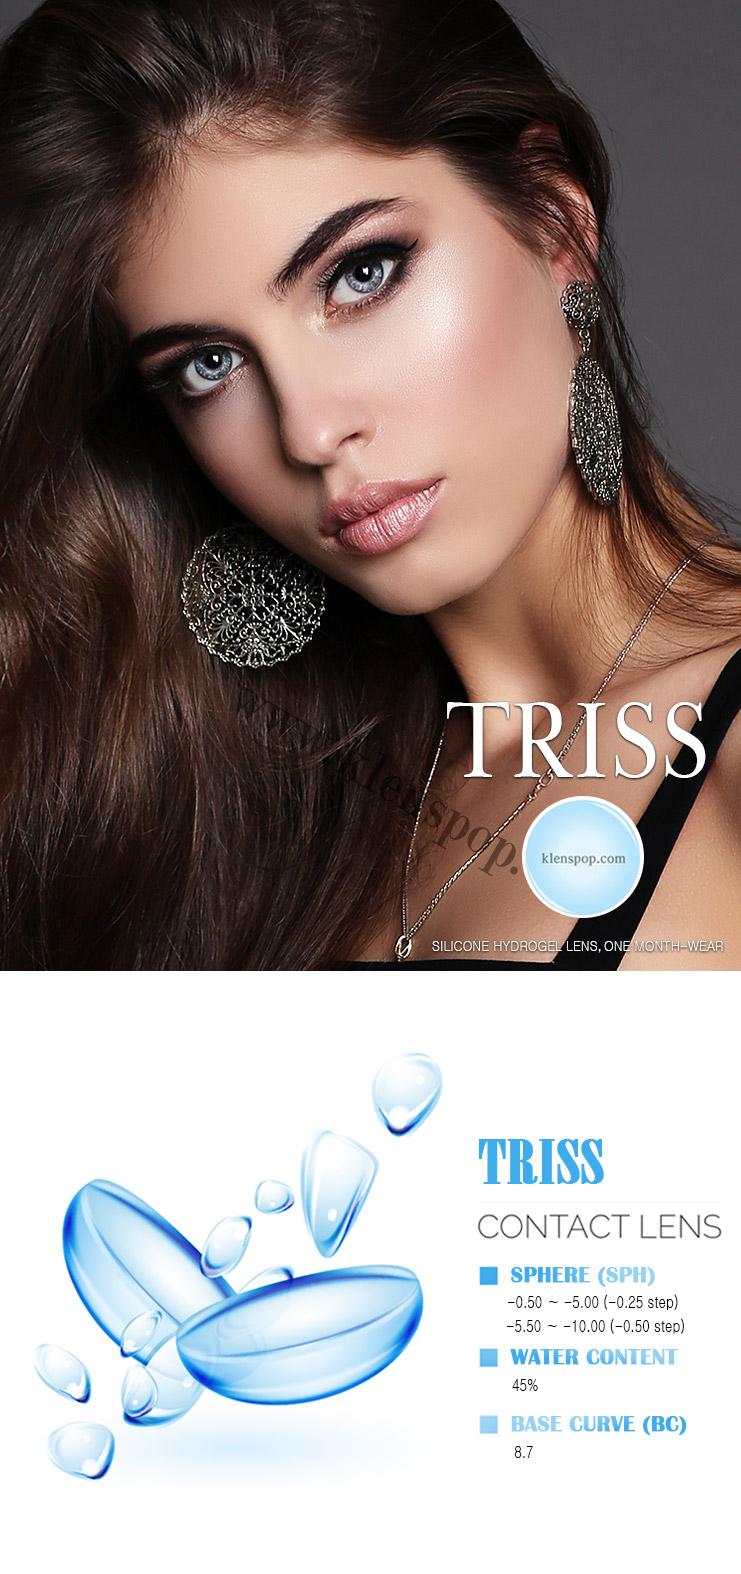 buy-belmore-triss-contacts-lens-prescription-klenspop.jpg